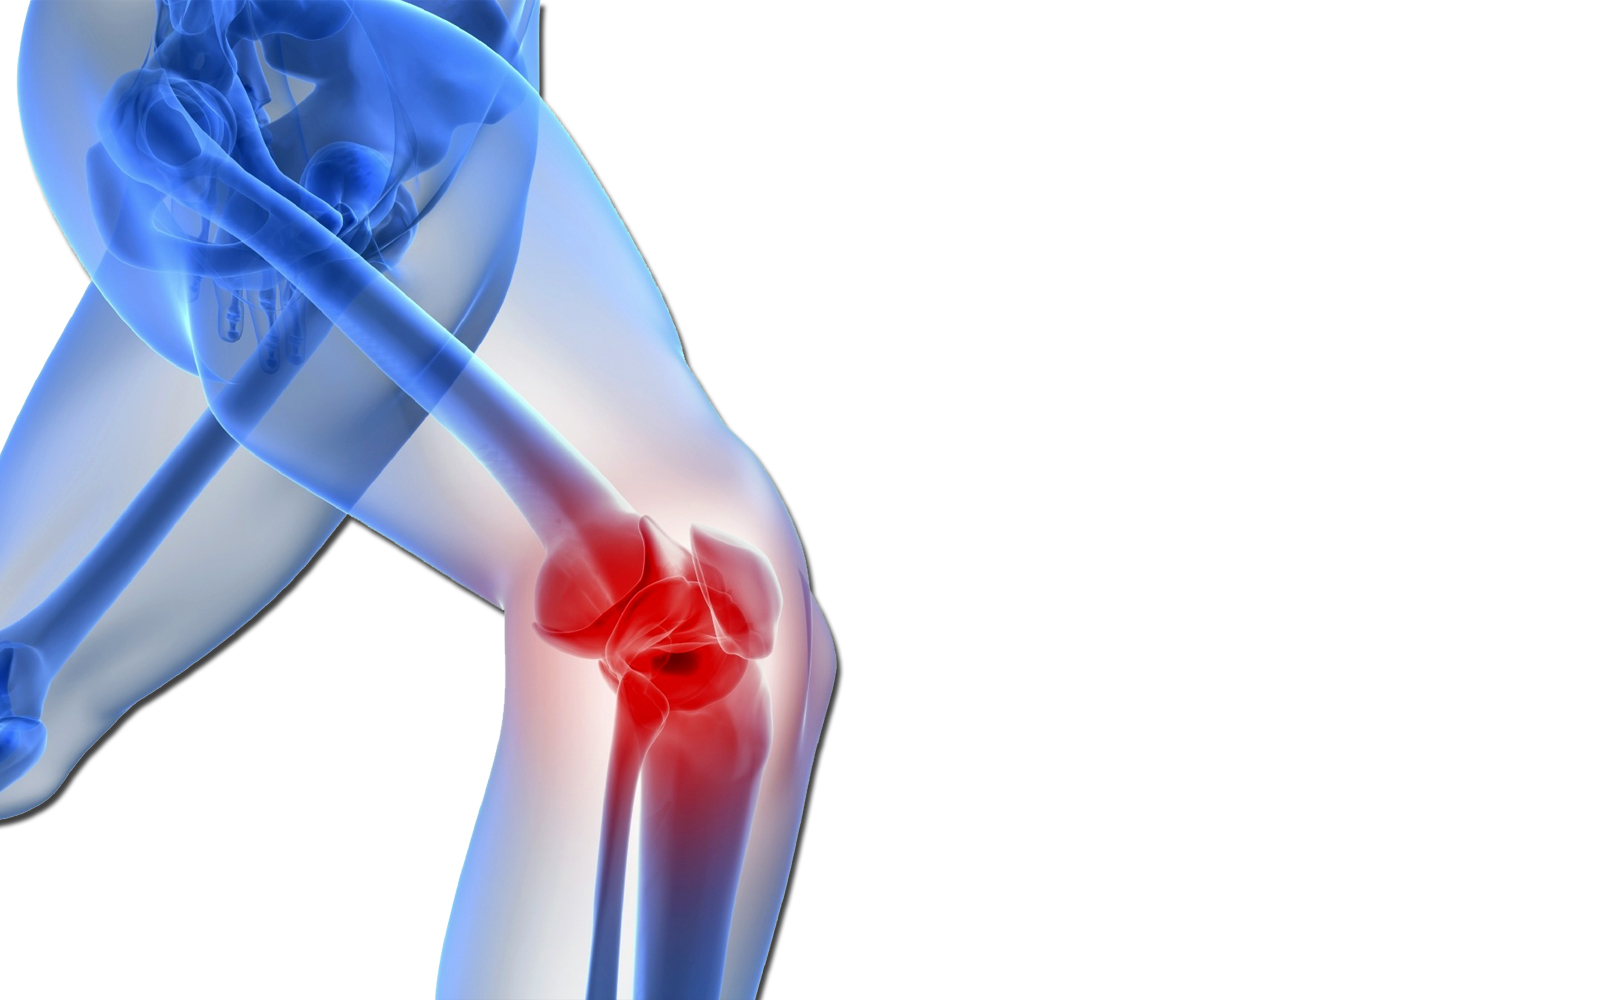 Артротомия коленного сустава обнажение и вскрытие колена